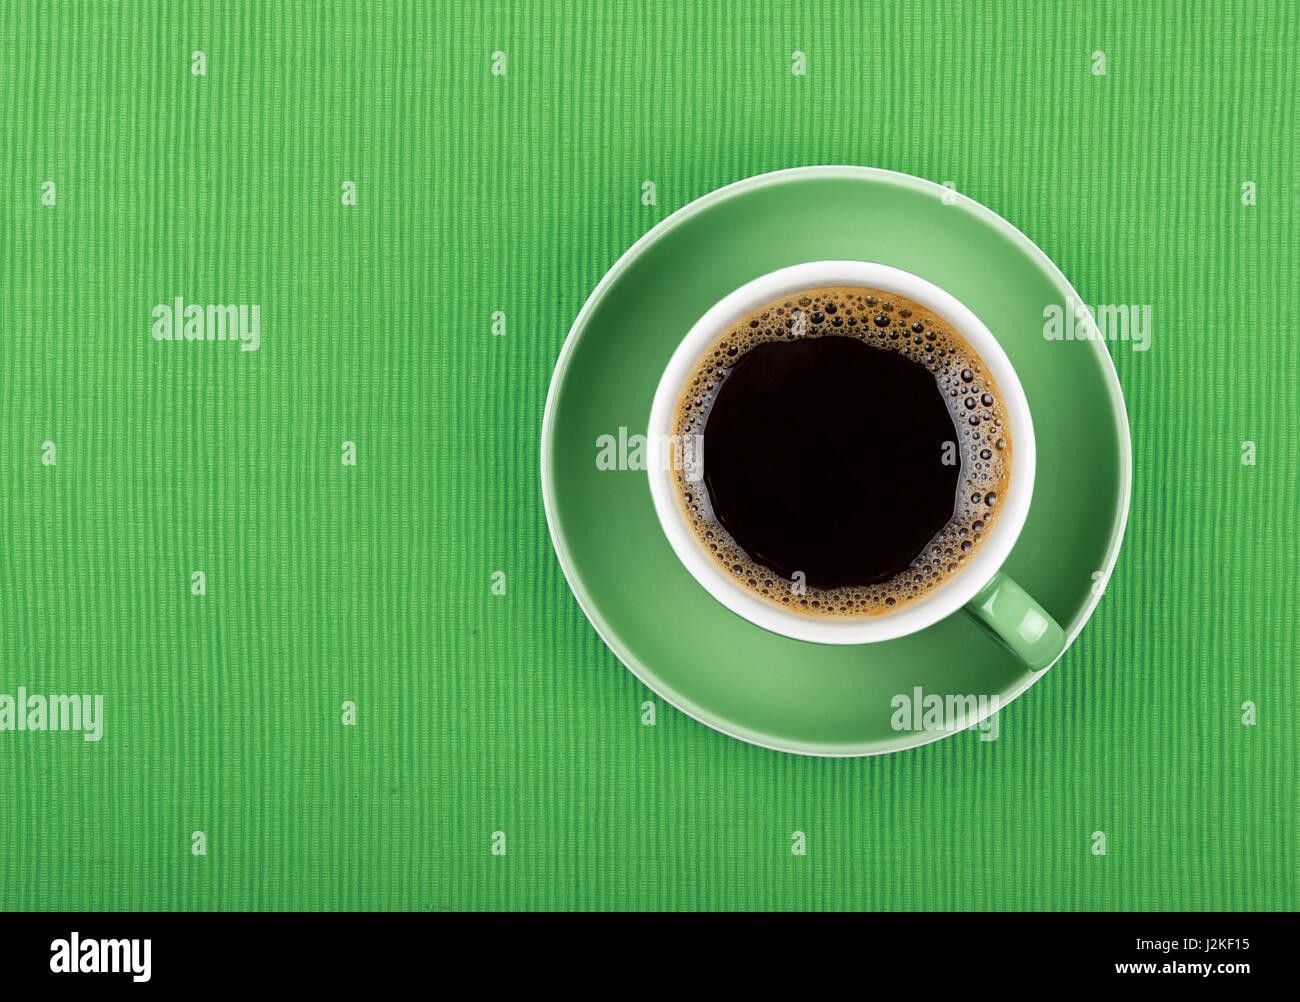 Taza llena de negro americano o café instantáneo en un platito sobre un mantel verde, cerrar, niveles Imagen De Stock